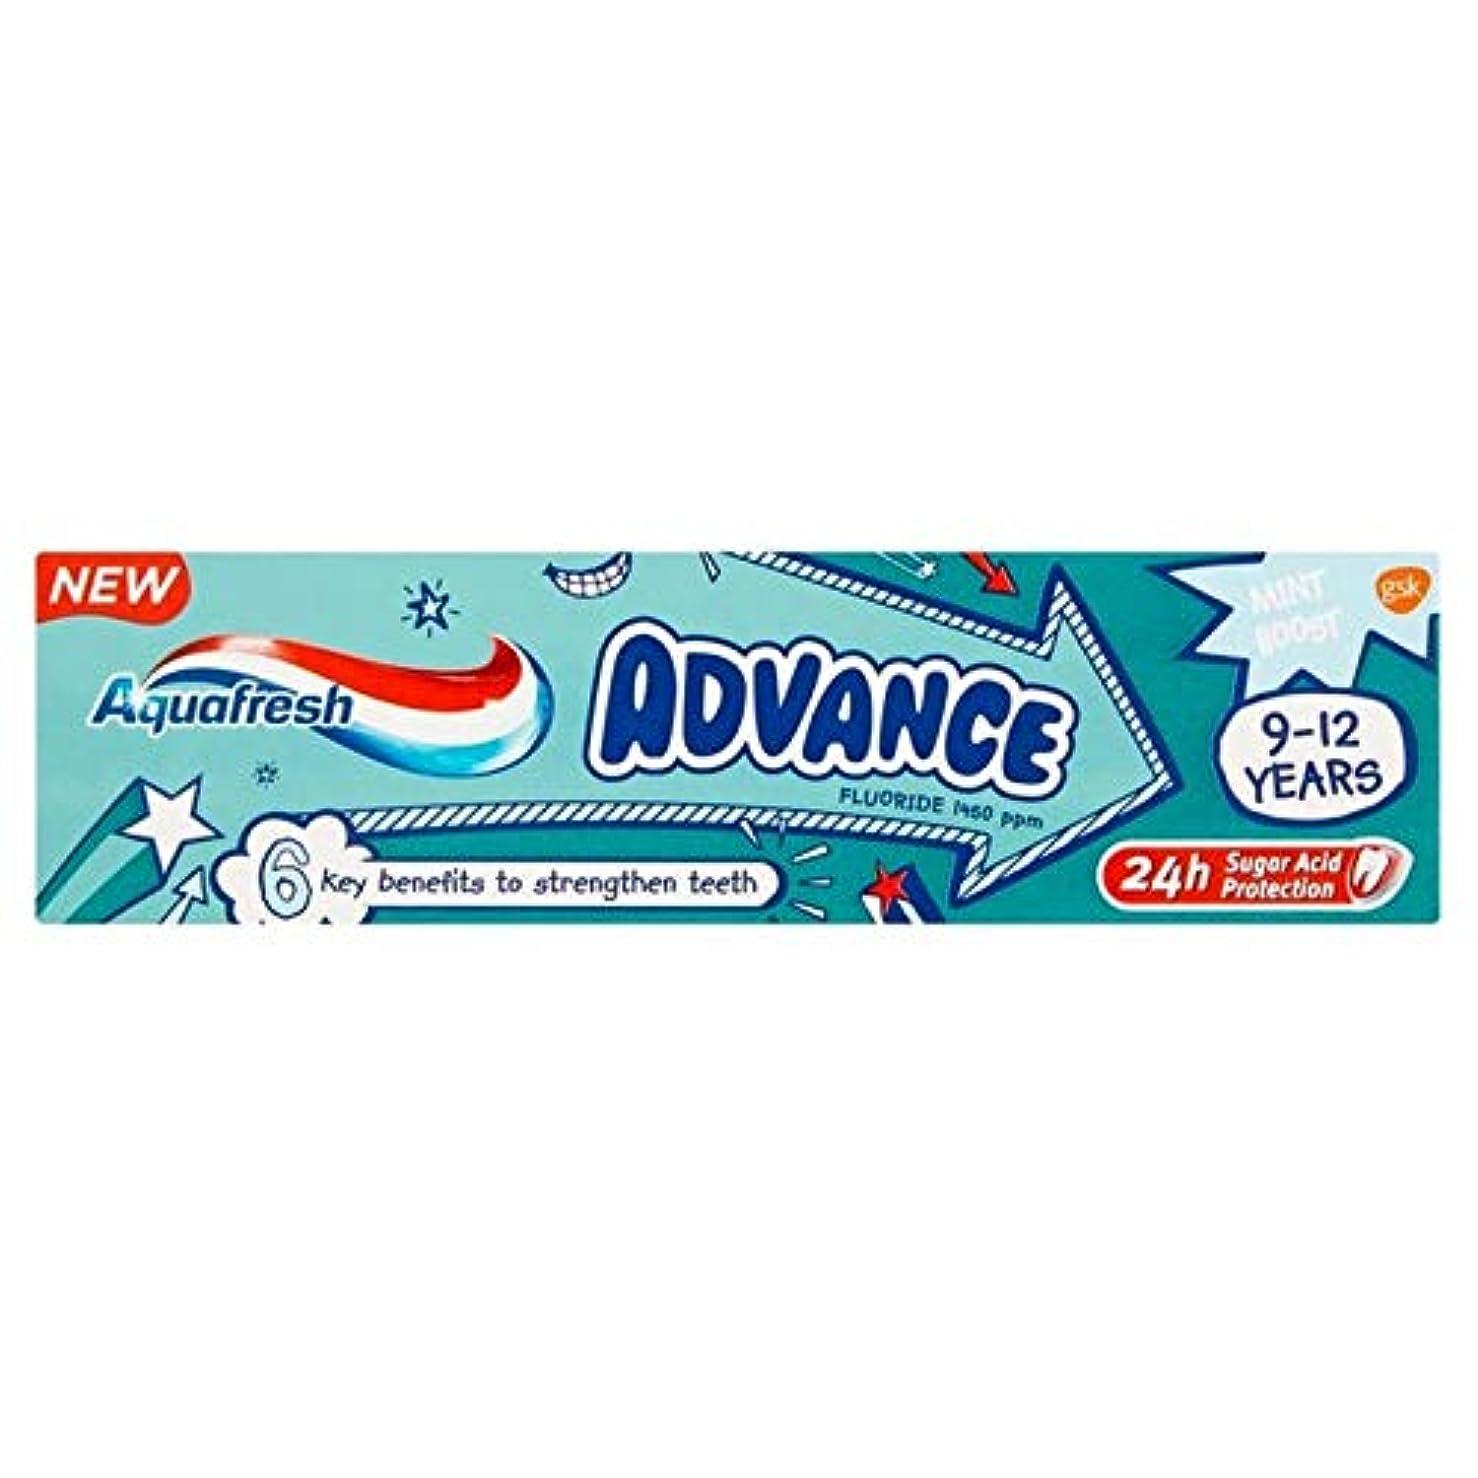 壮大な音楽を聴く配偶者[Aquafresh ] アクアフレッシュの事前9-12年間の子供の歯磨き粉75ミリリットル - Aquafresh Advance 9-12 Years Kids Toothpaste 75ml [並行輸入品]